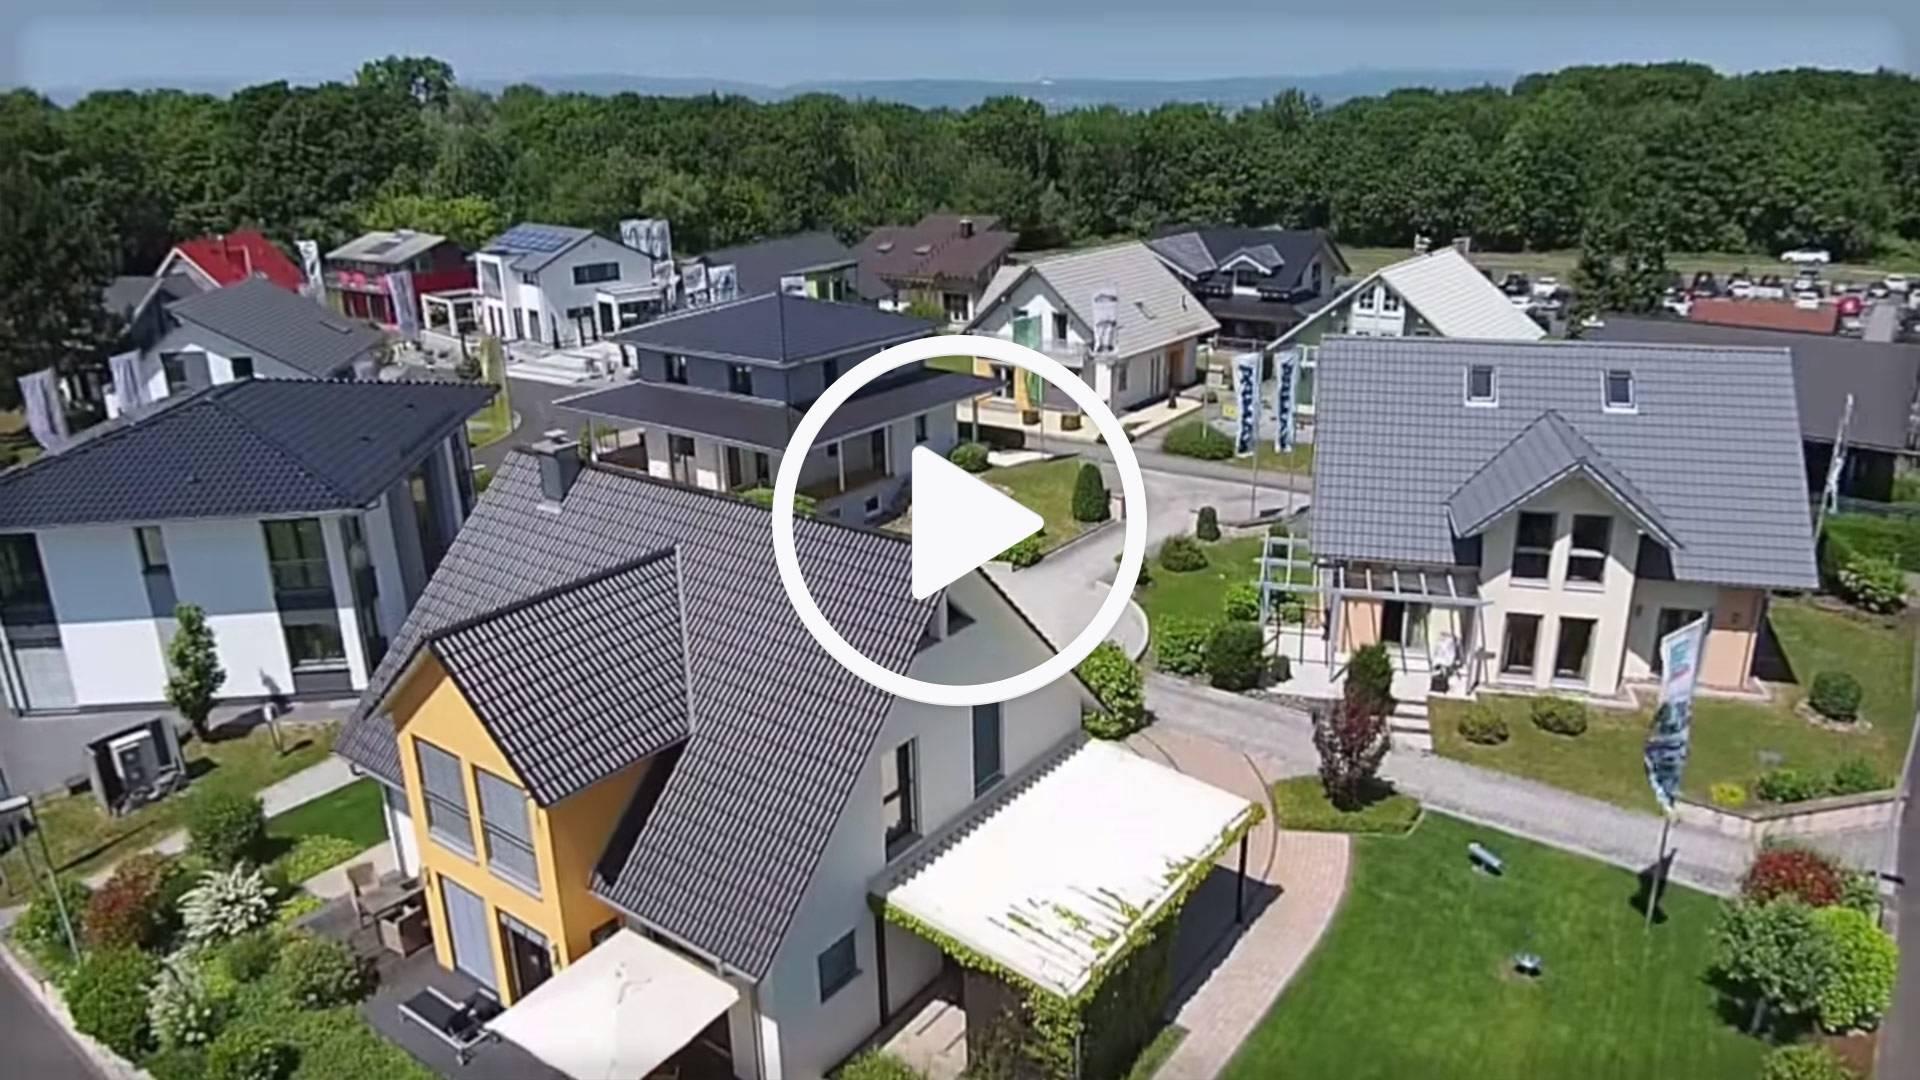 video-rundgang-musterhausausstellung-eigenheim-und-garten.jpg